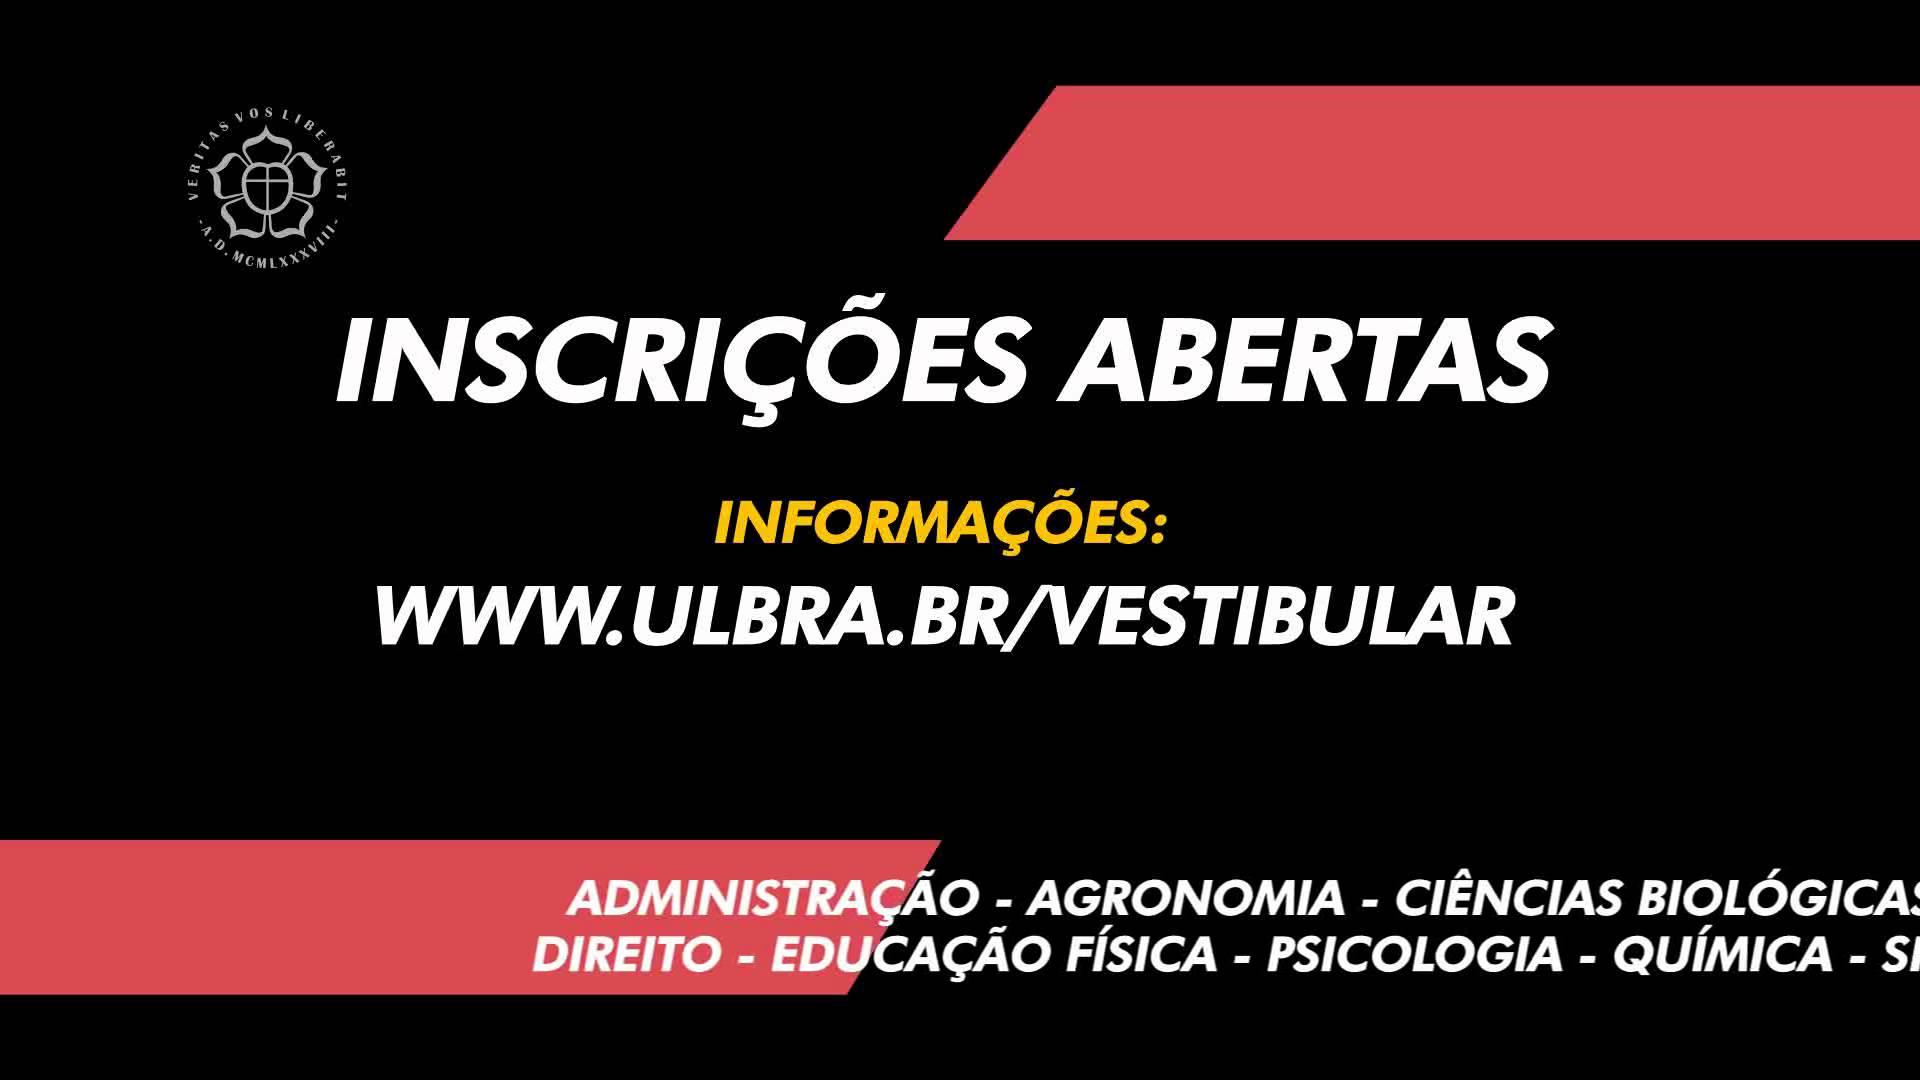 Ulbra abre inscrições para vestibular com 15 novos cursos no RS